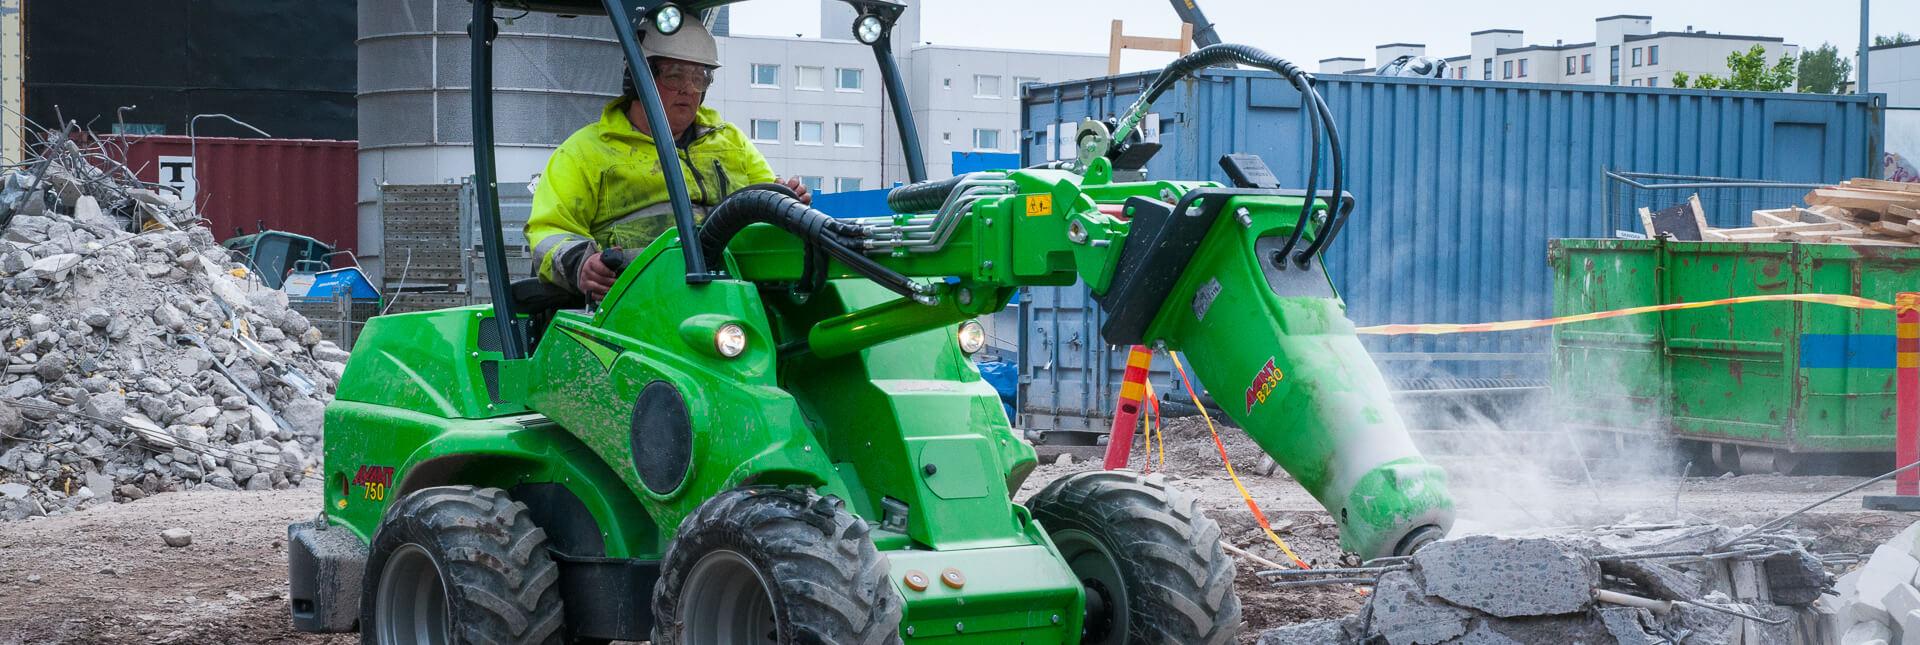 Arbejdsbillede af Hydraulikhammer til nedrivning monteret på en avant minilæsser